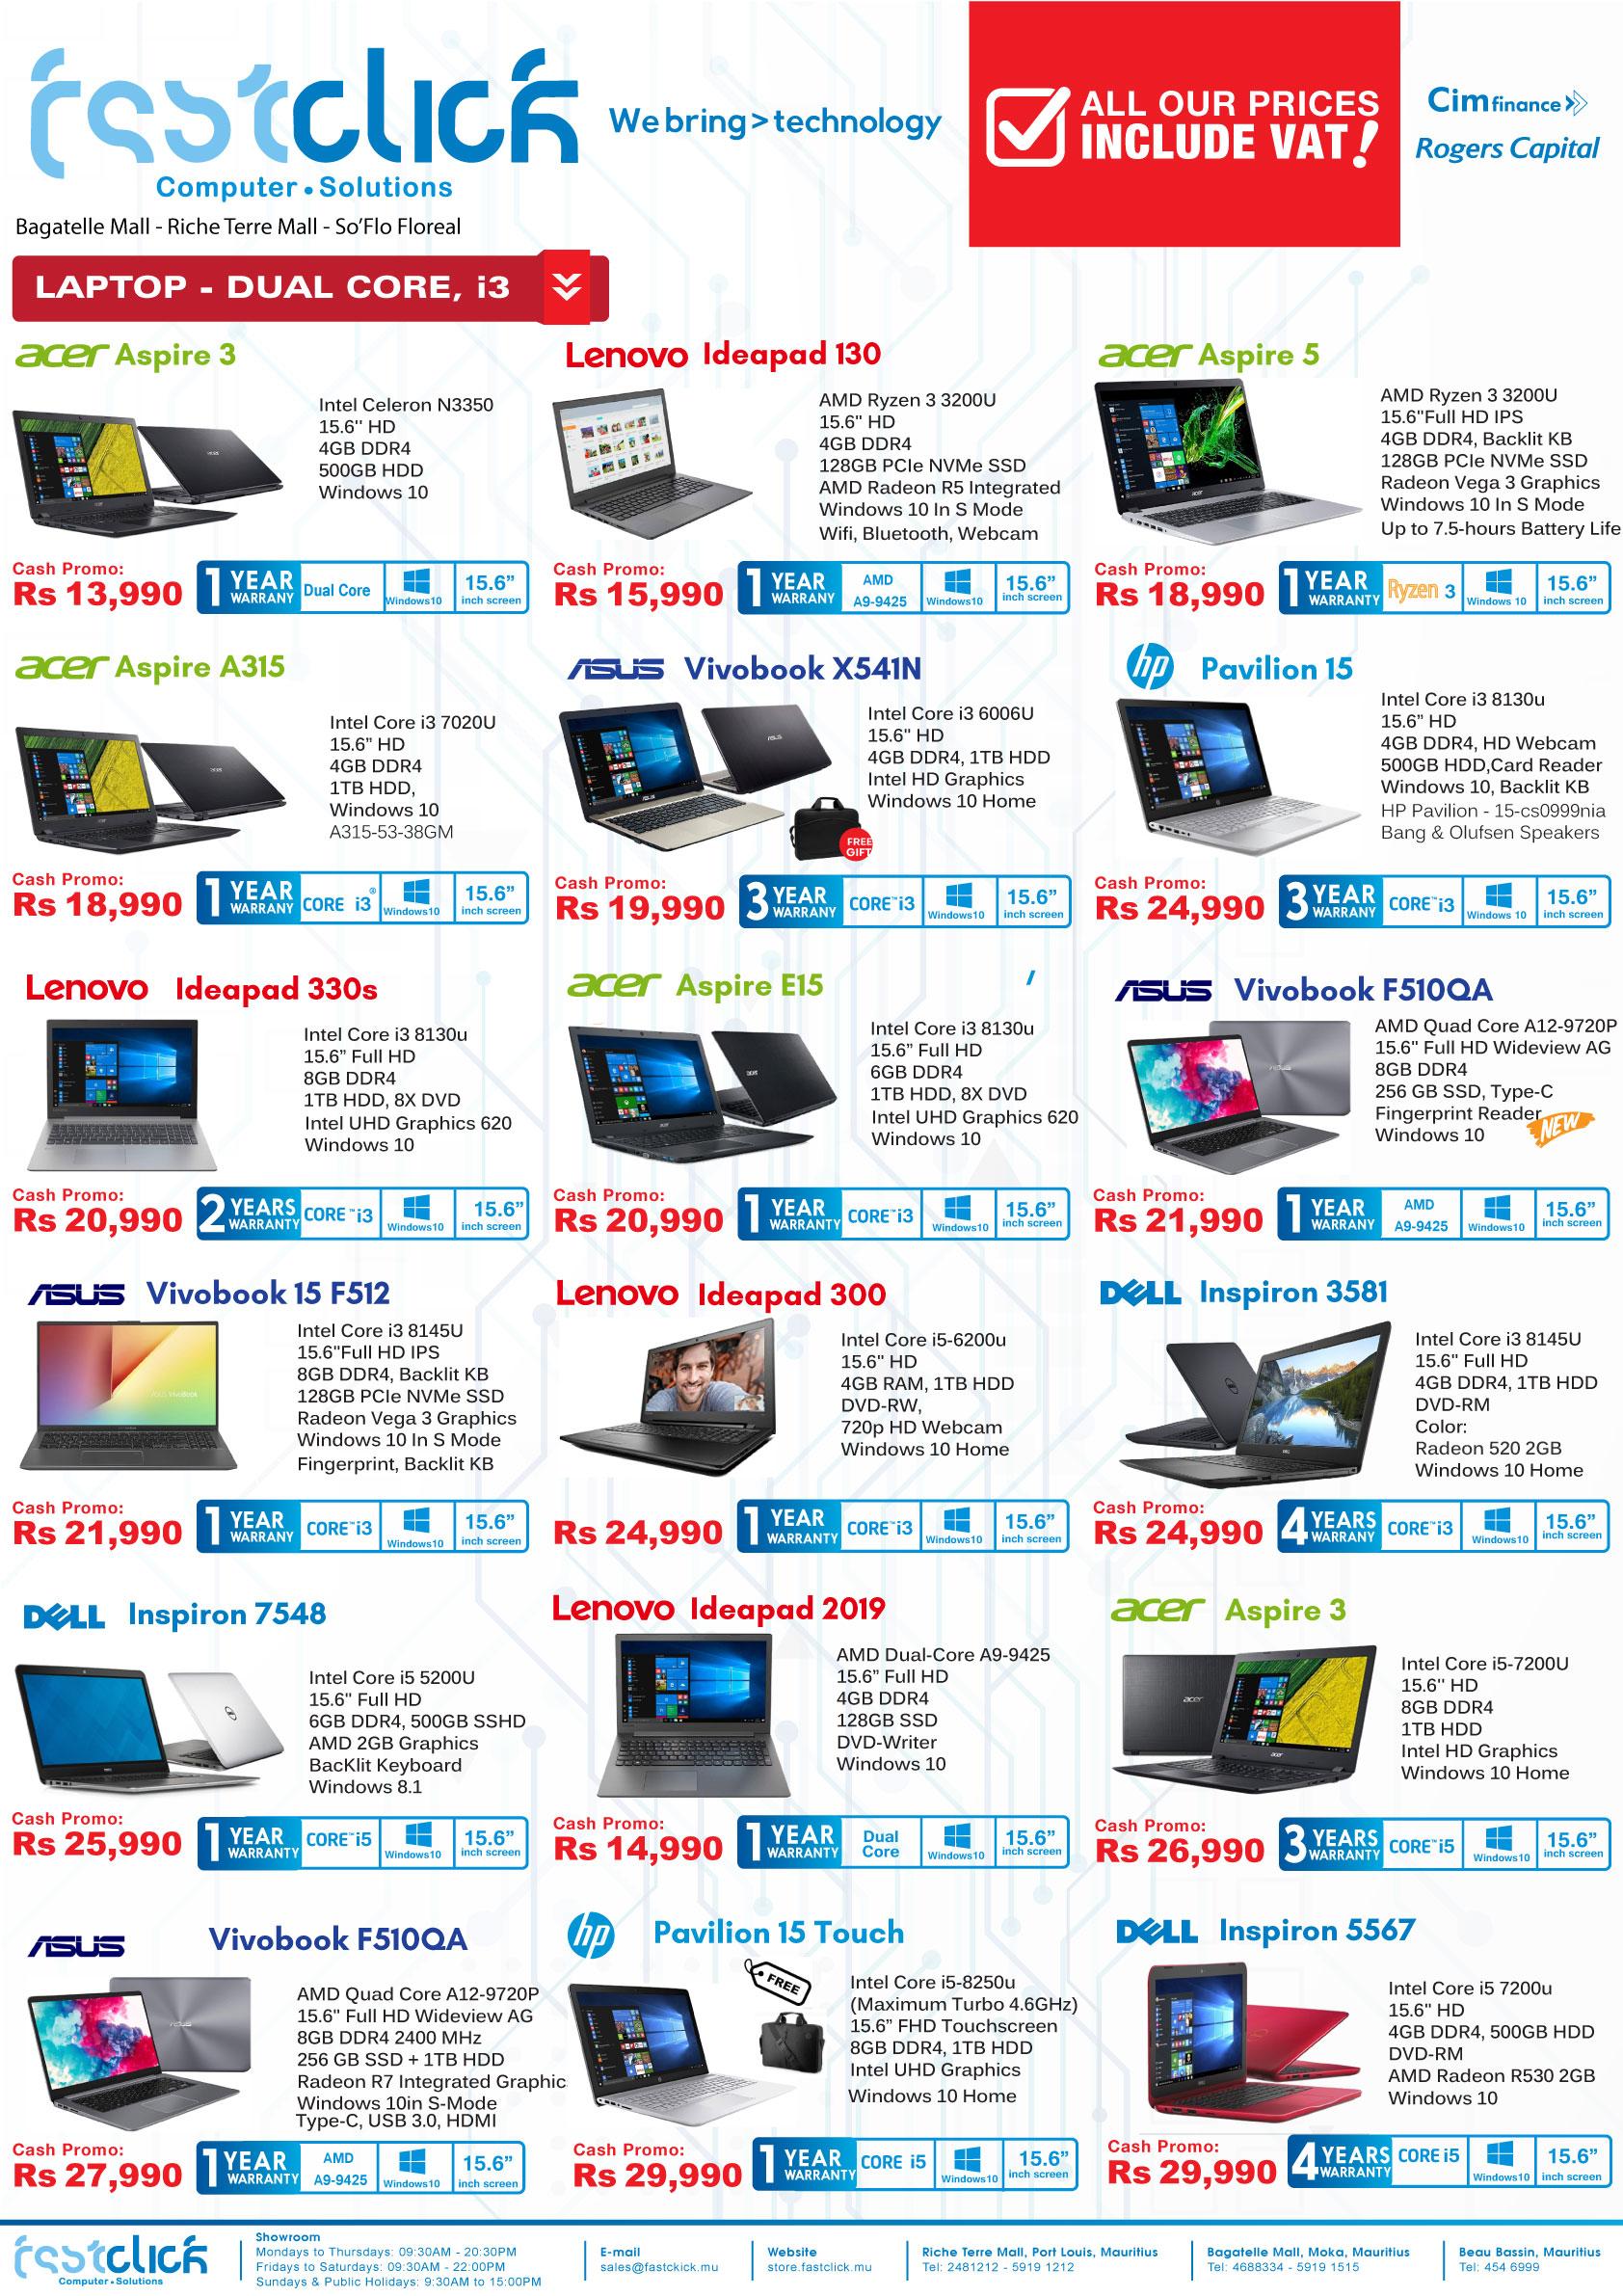 page-2-dual-core-i3-i5-26.11.19.jpg